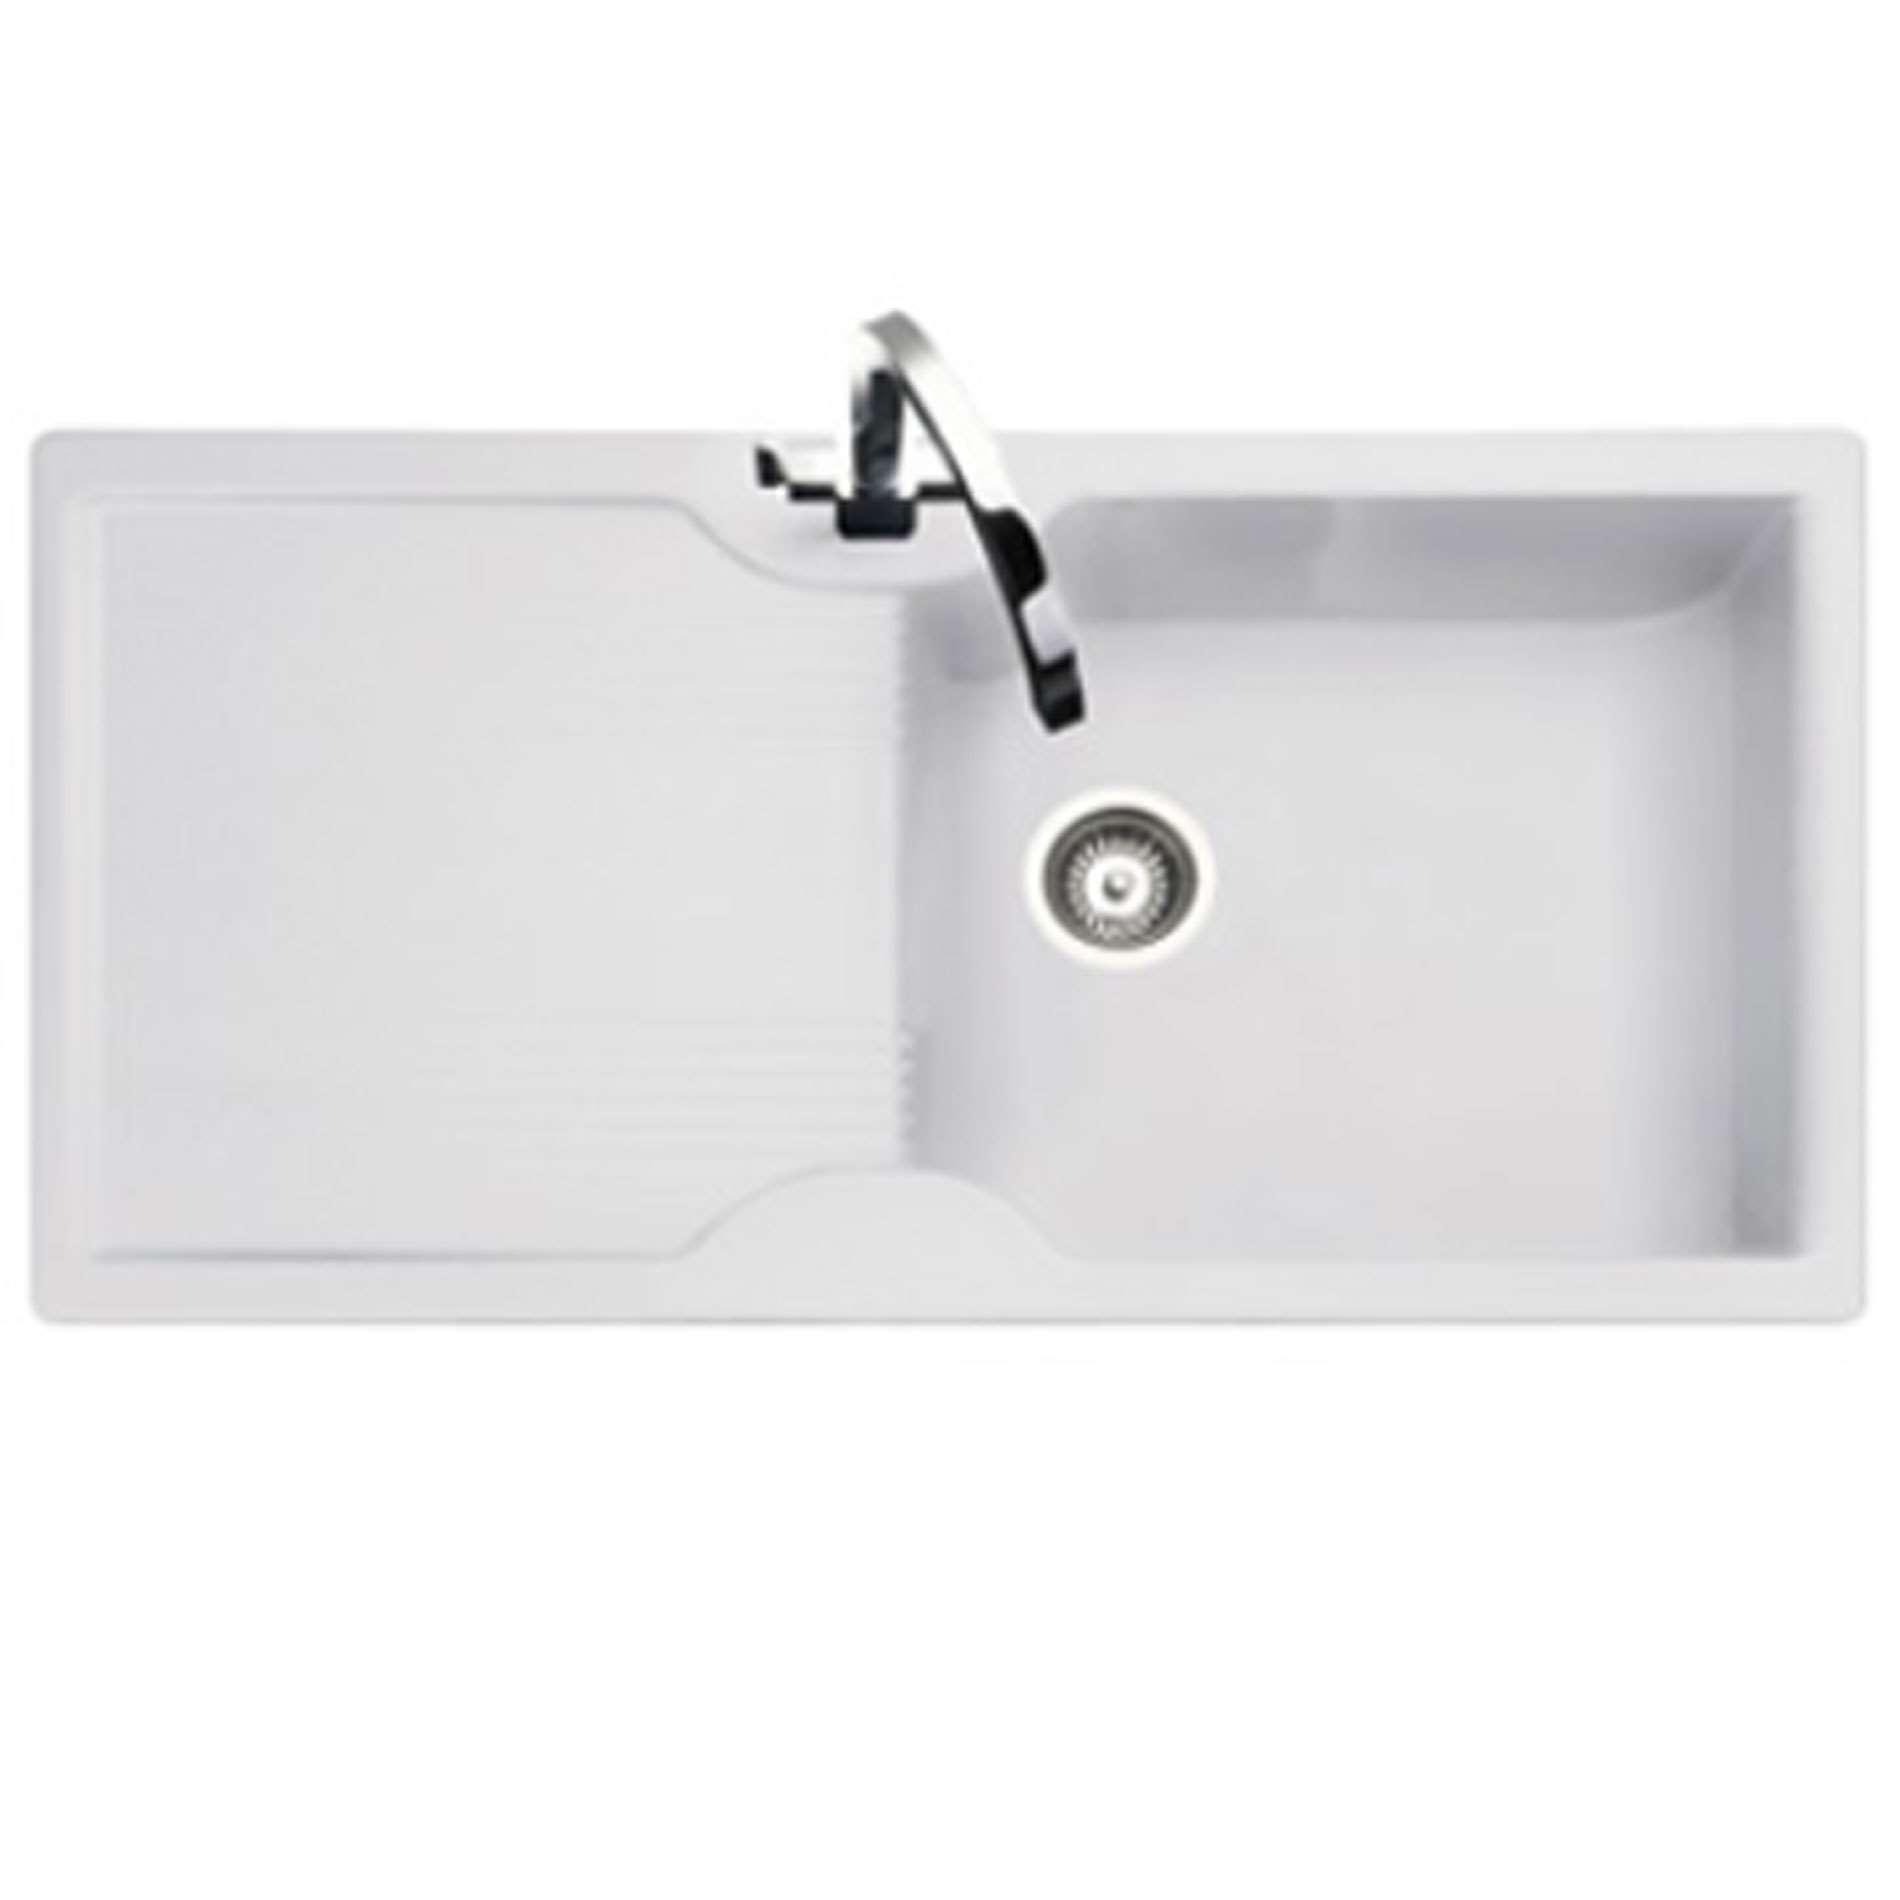 Rangemaster: Lunar LU9851 White Neo-Rock Sink - Kitchen Sinks & Taps